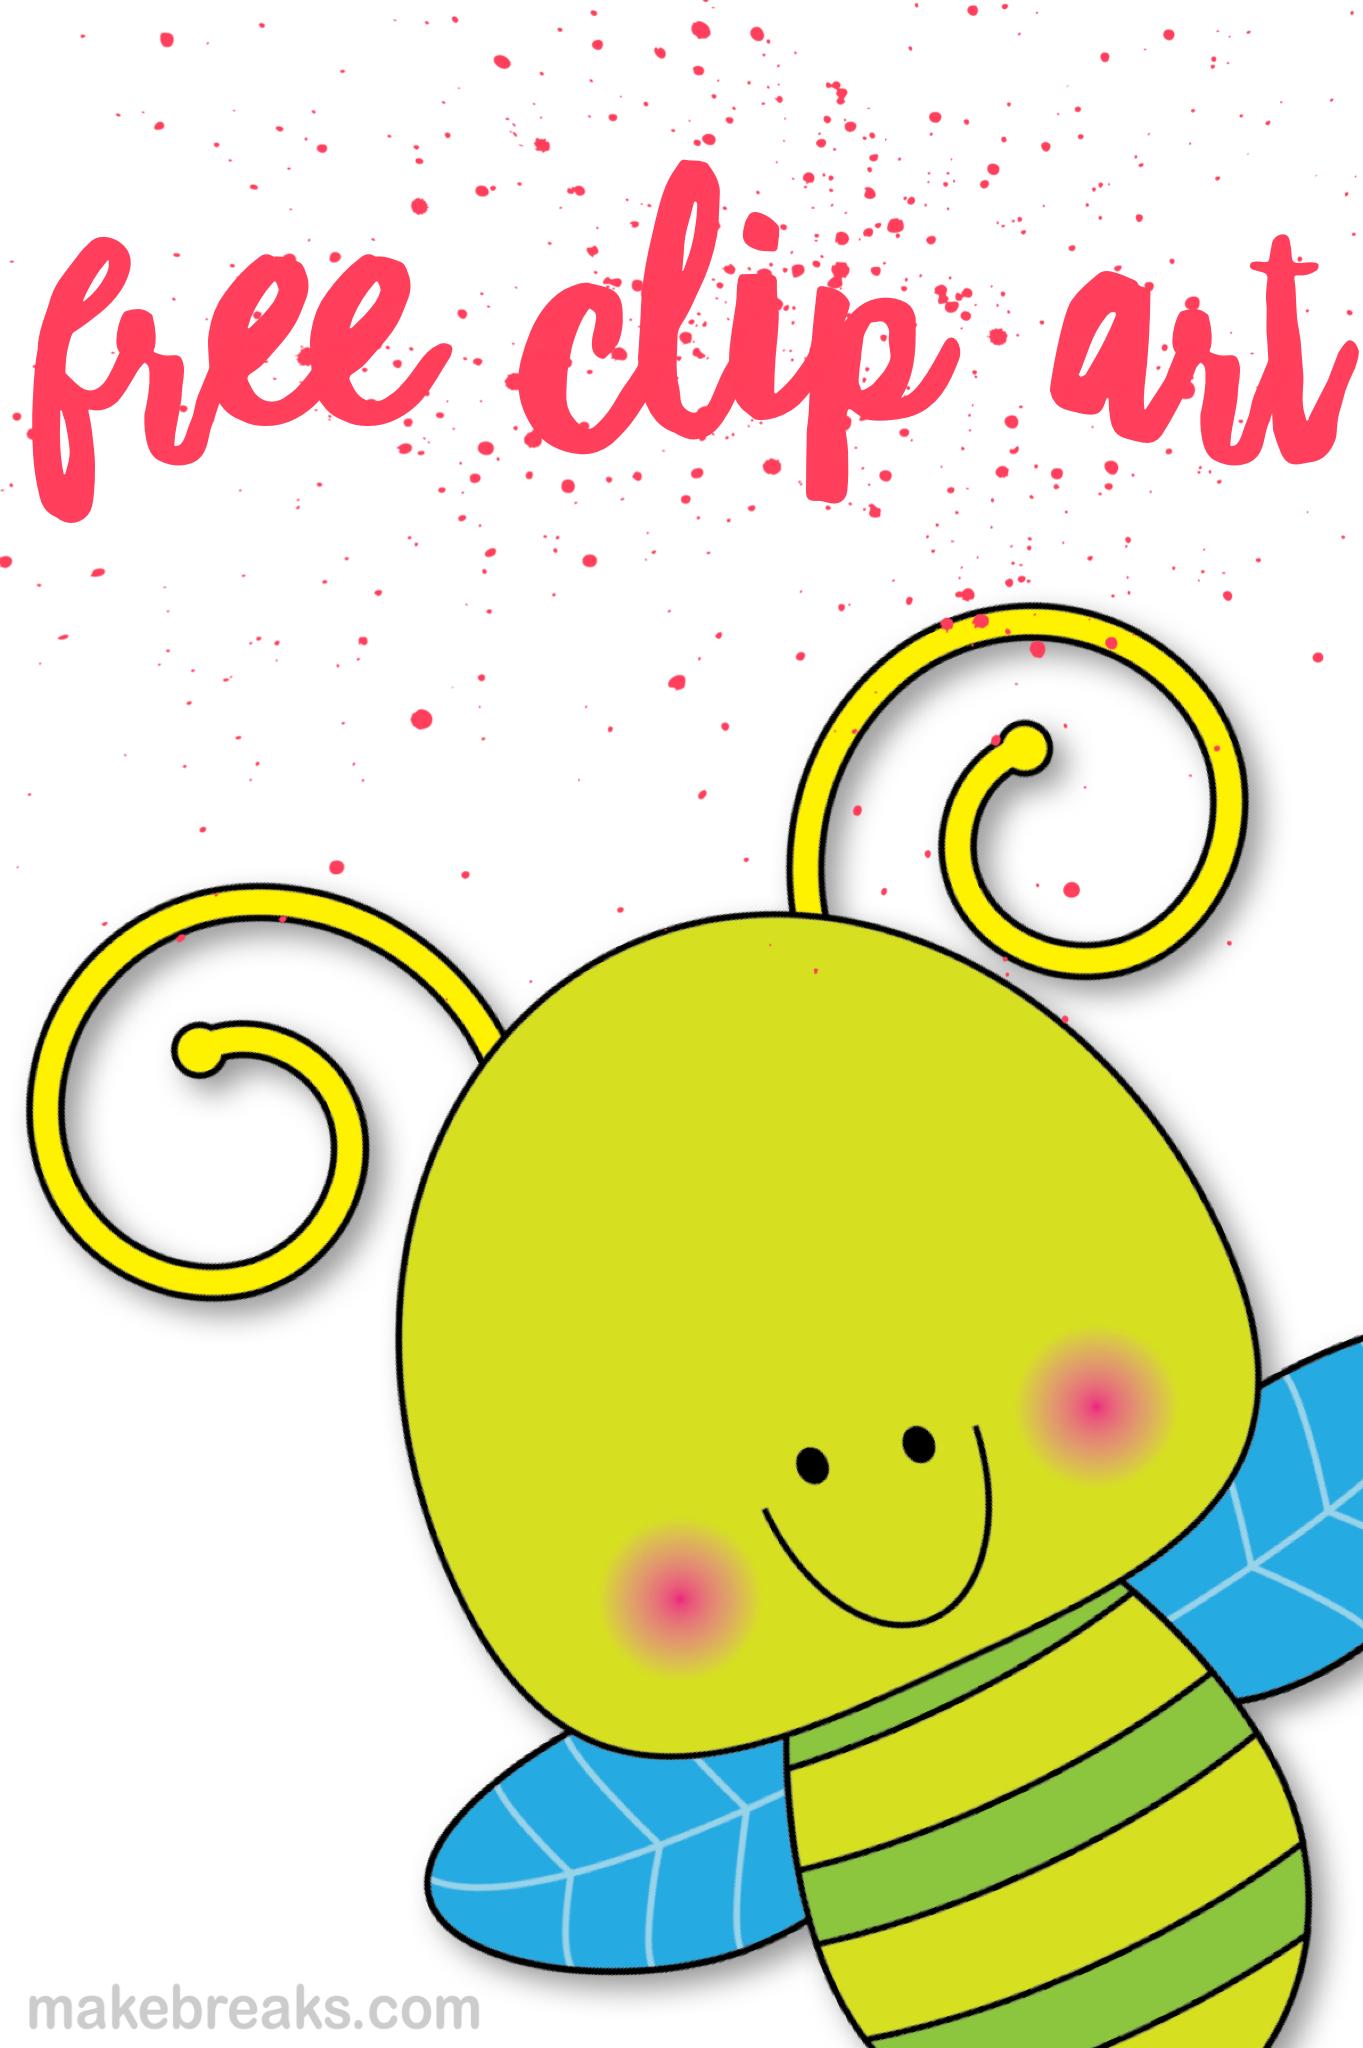 Free Clip Art For Teachers Archives Make Breaks Clip Art Freebies Clip Art Free Clip Art